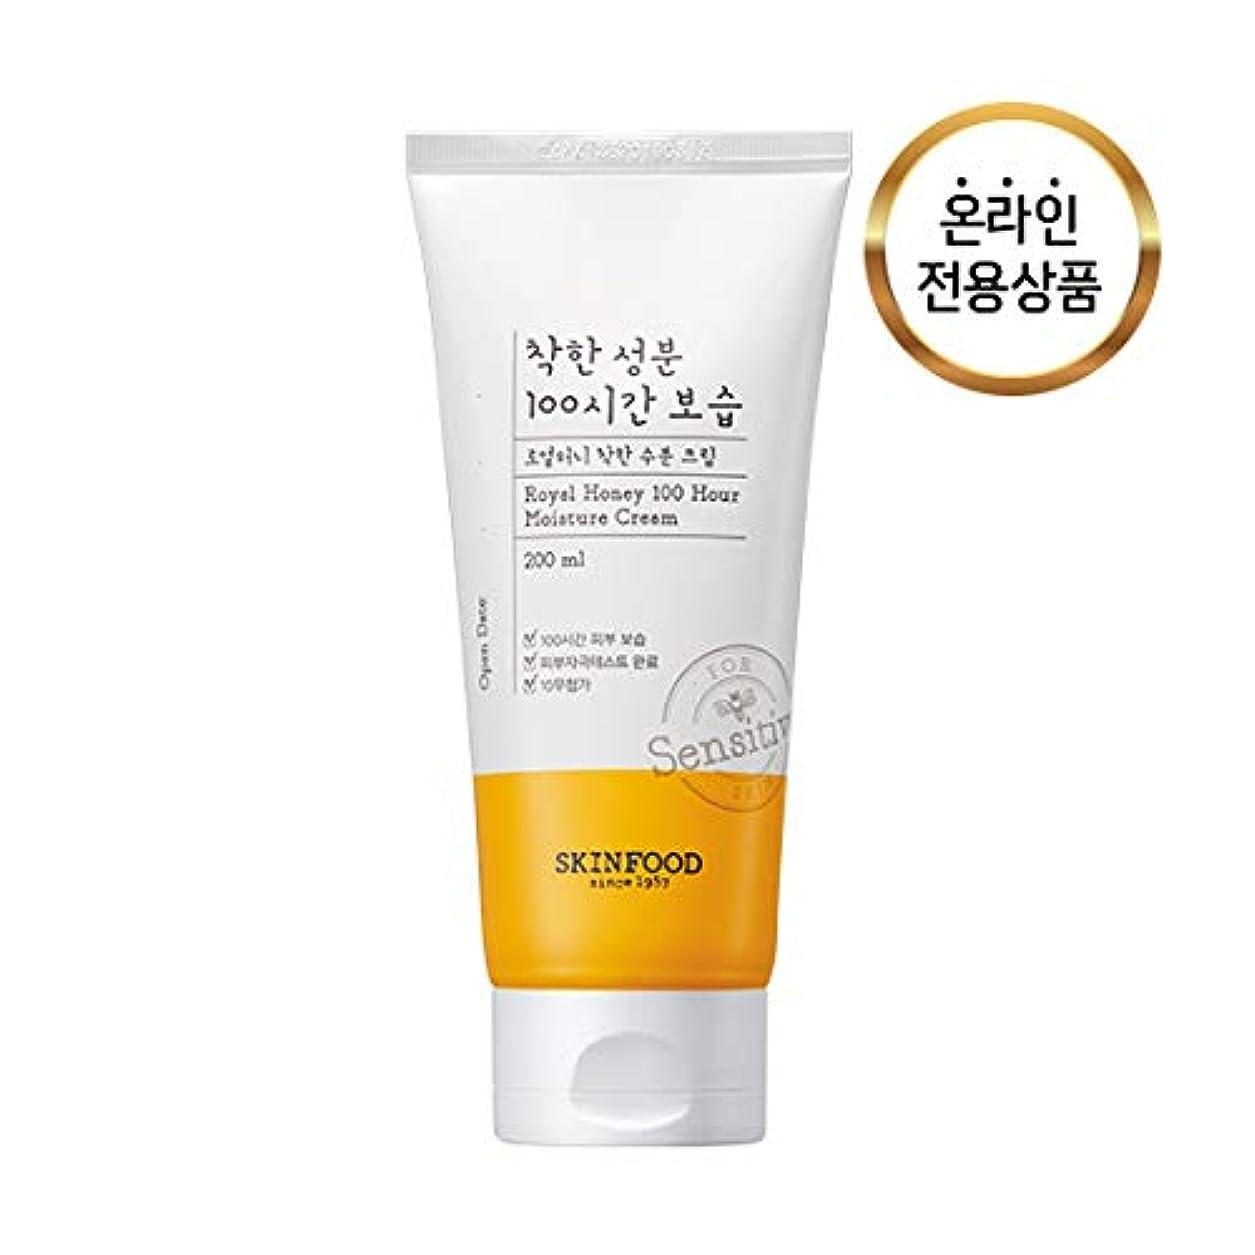 入場料セグメント財団Skinfood ロイヤルハニー100時間モイスチャークリーム / Royal Honey 100 Hour Moisture Cream 200ml [並行輸入品]